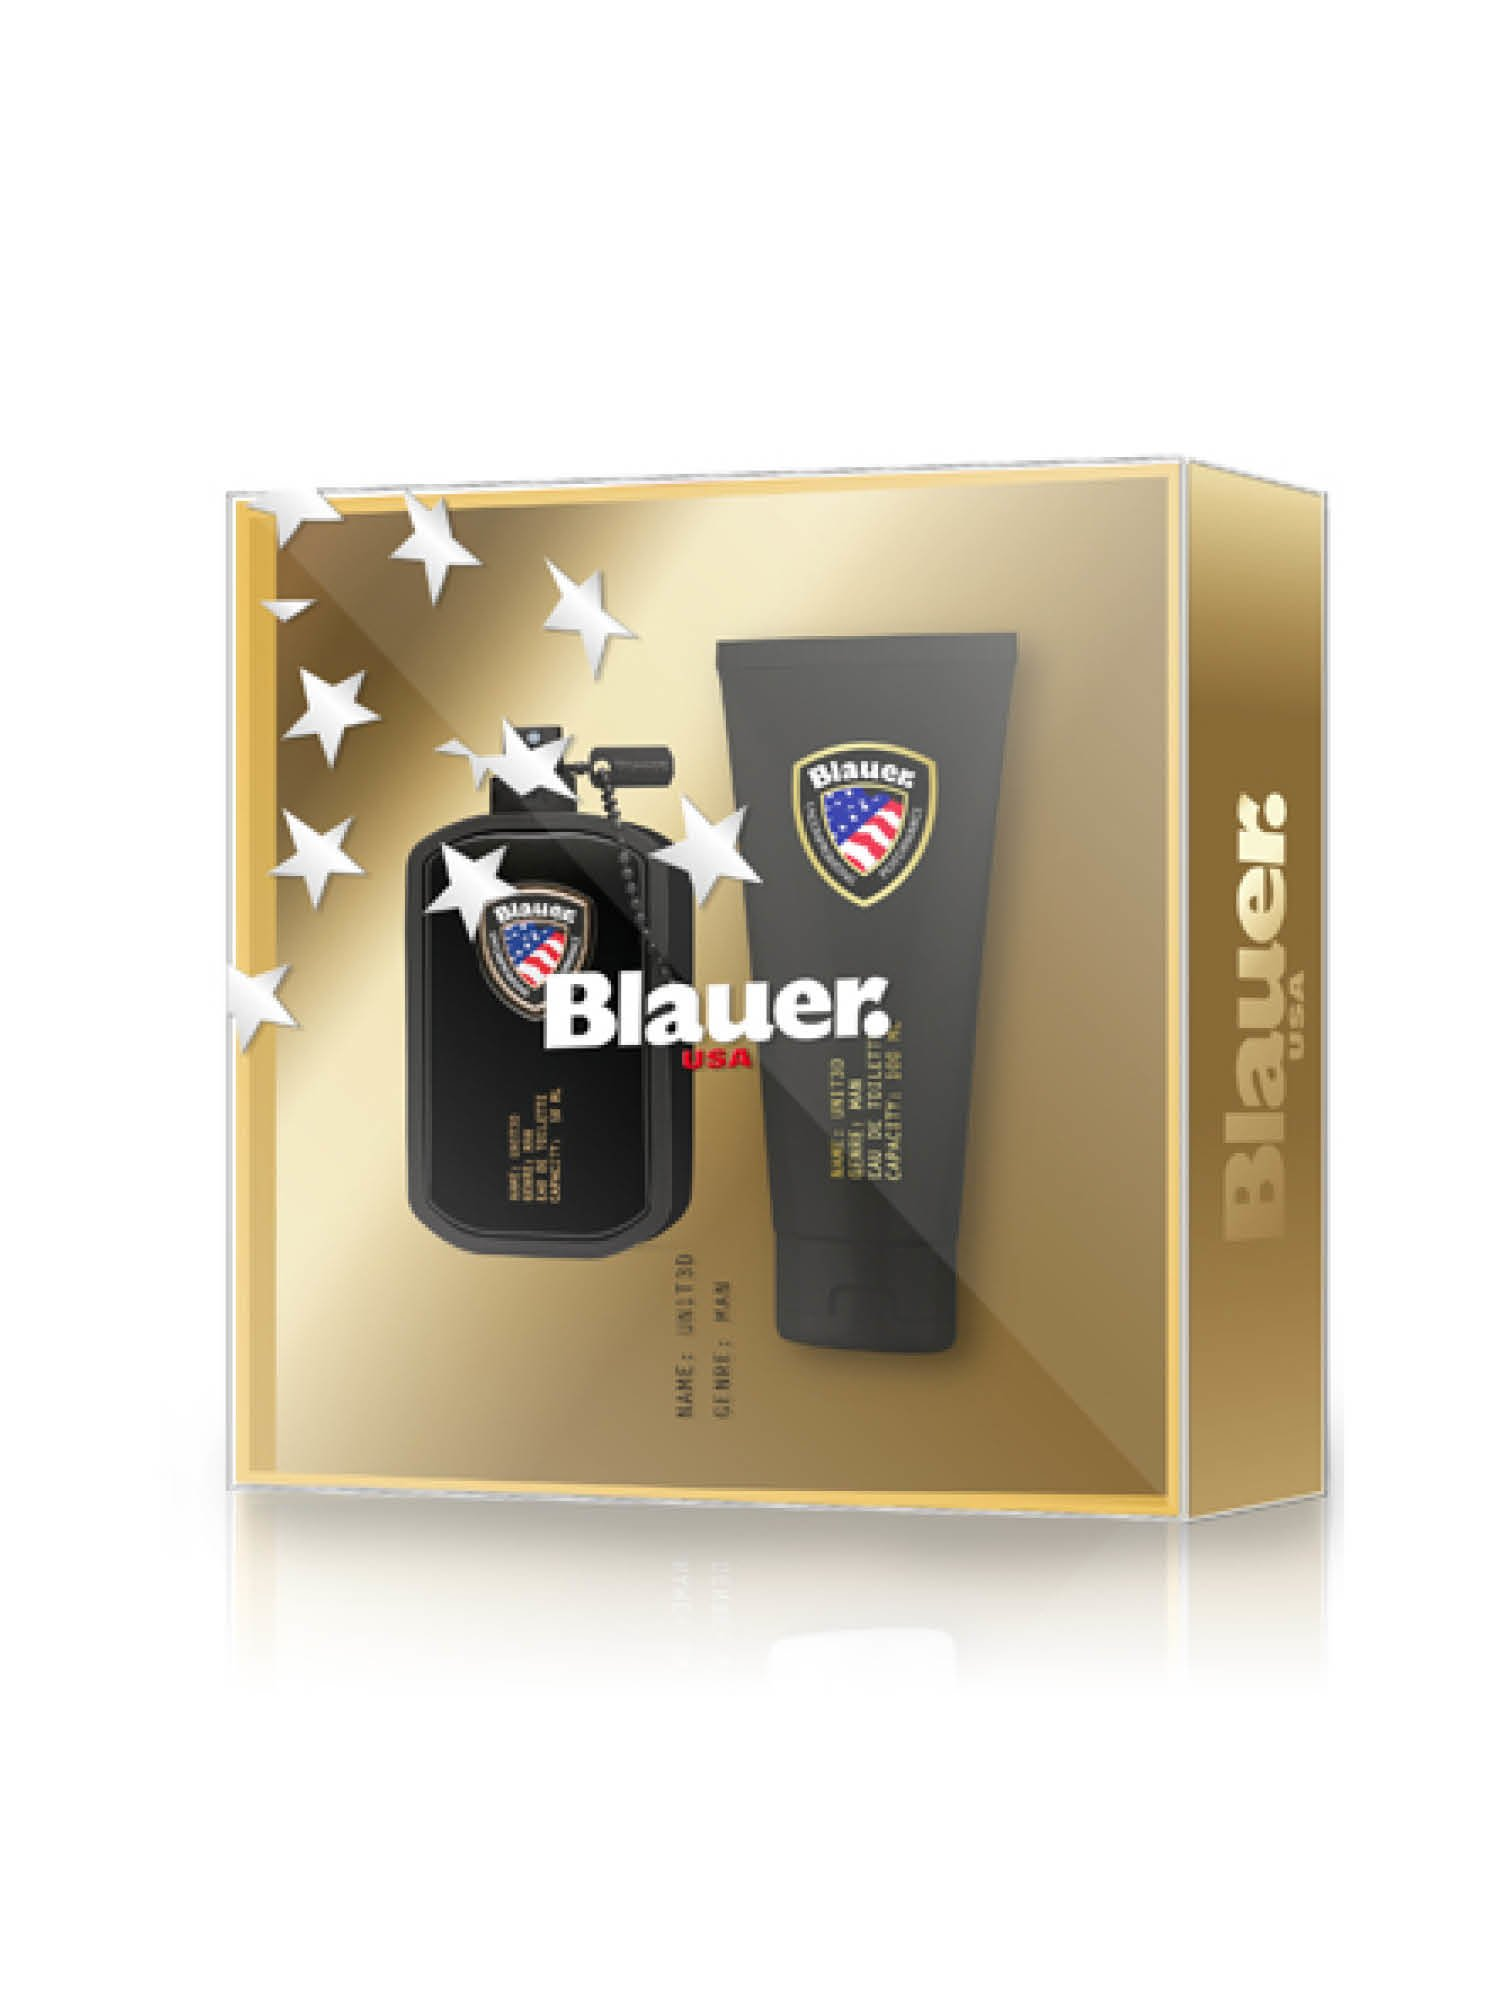 Blauer - BLAUER UN1T3D COFANETTO REGALO PER LUI - Oro - Blauer